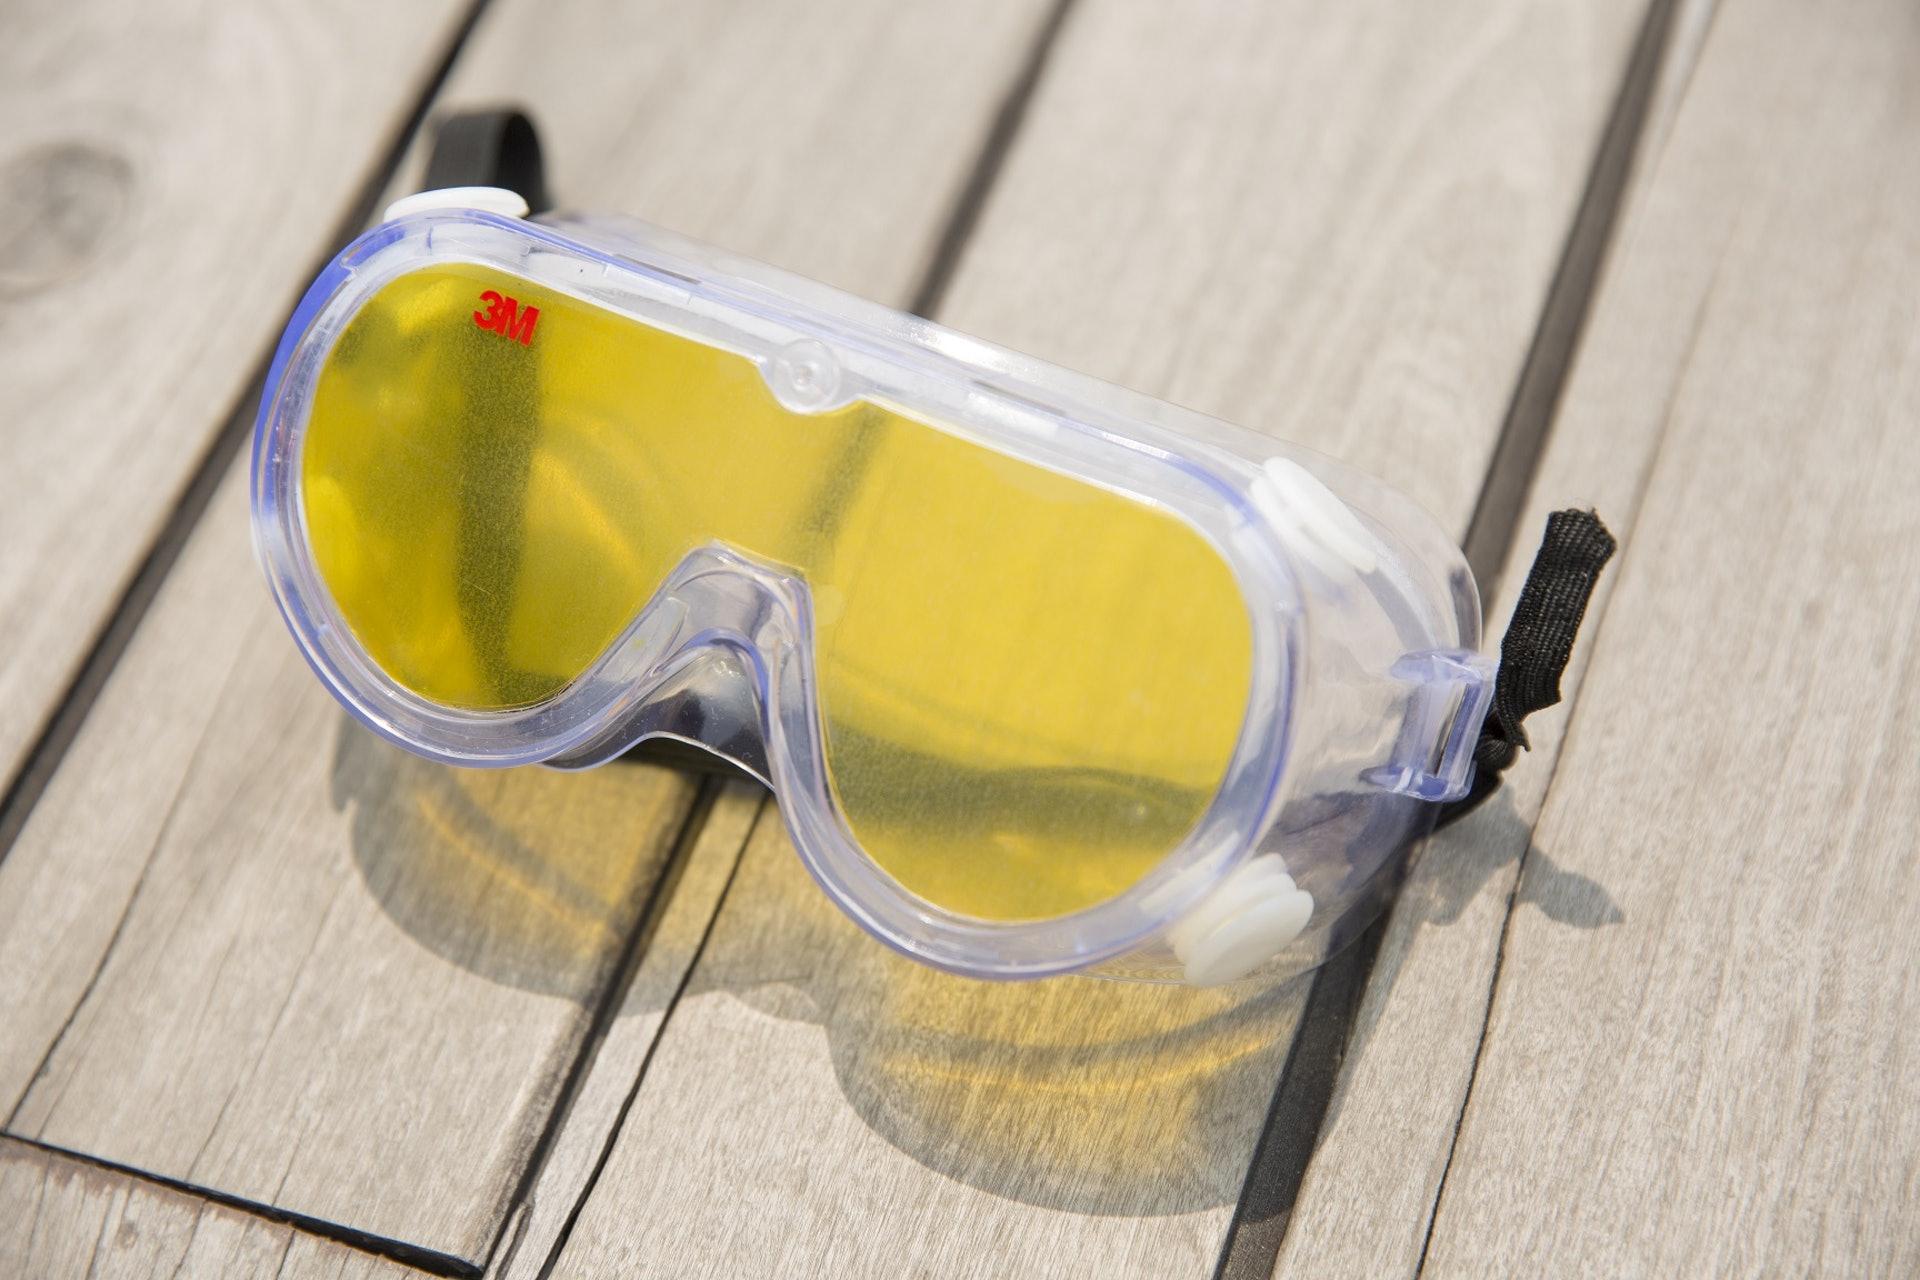 老化眼鏡模擬老花、白內障、黃斑症等退化症狀,戴上後眼前事物會變得又黃又朦。(龔嘉盛攝)